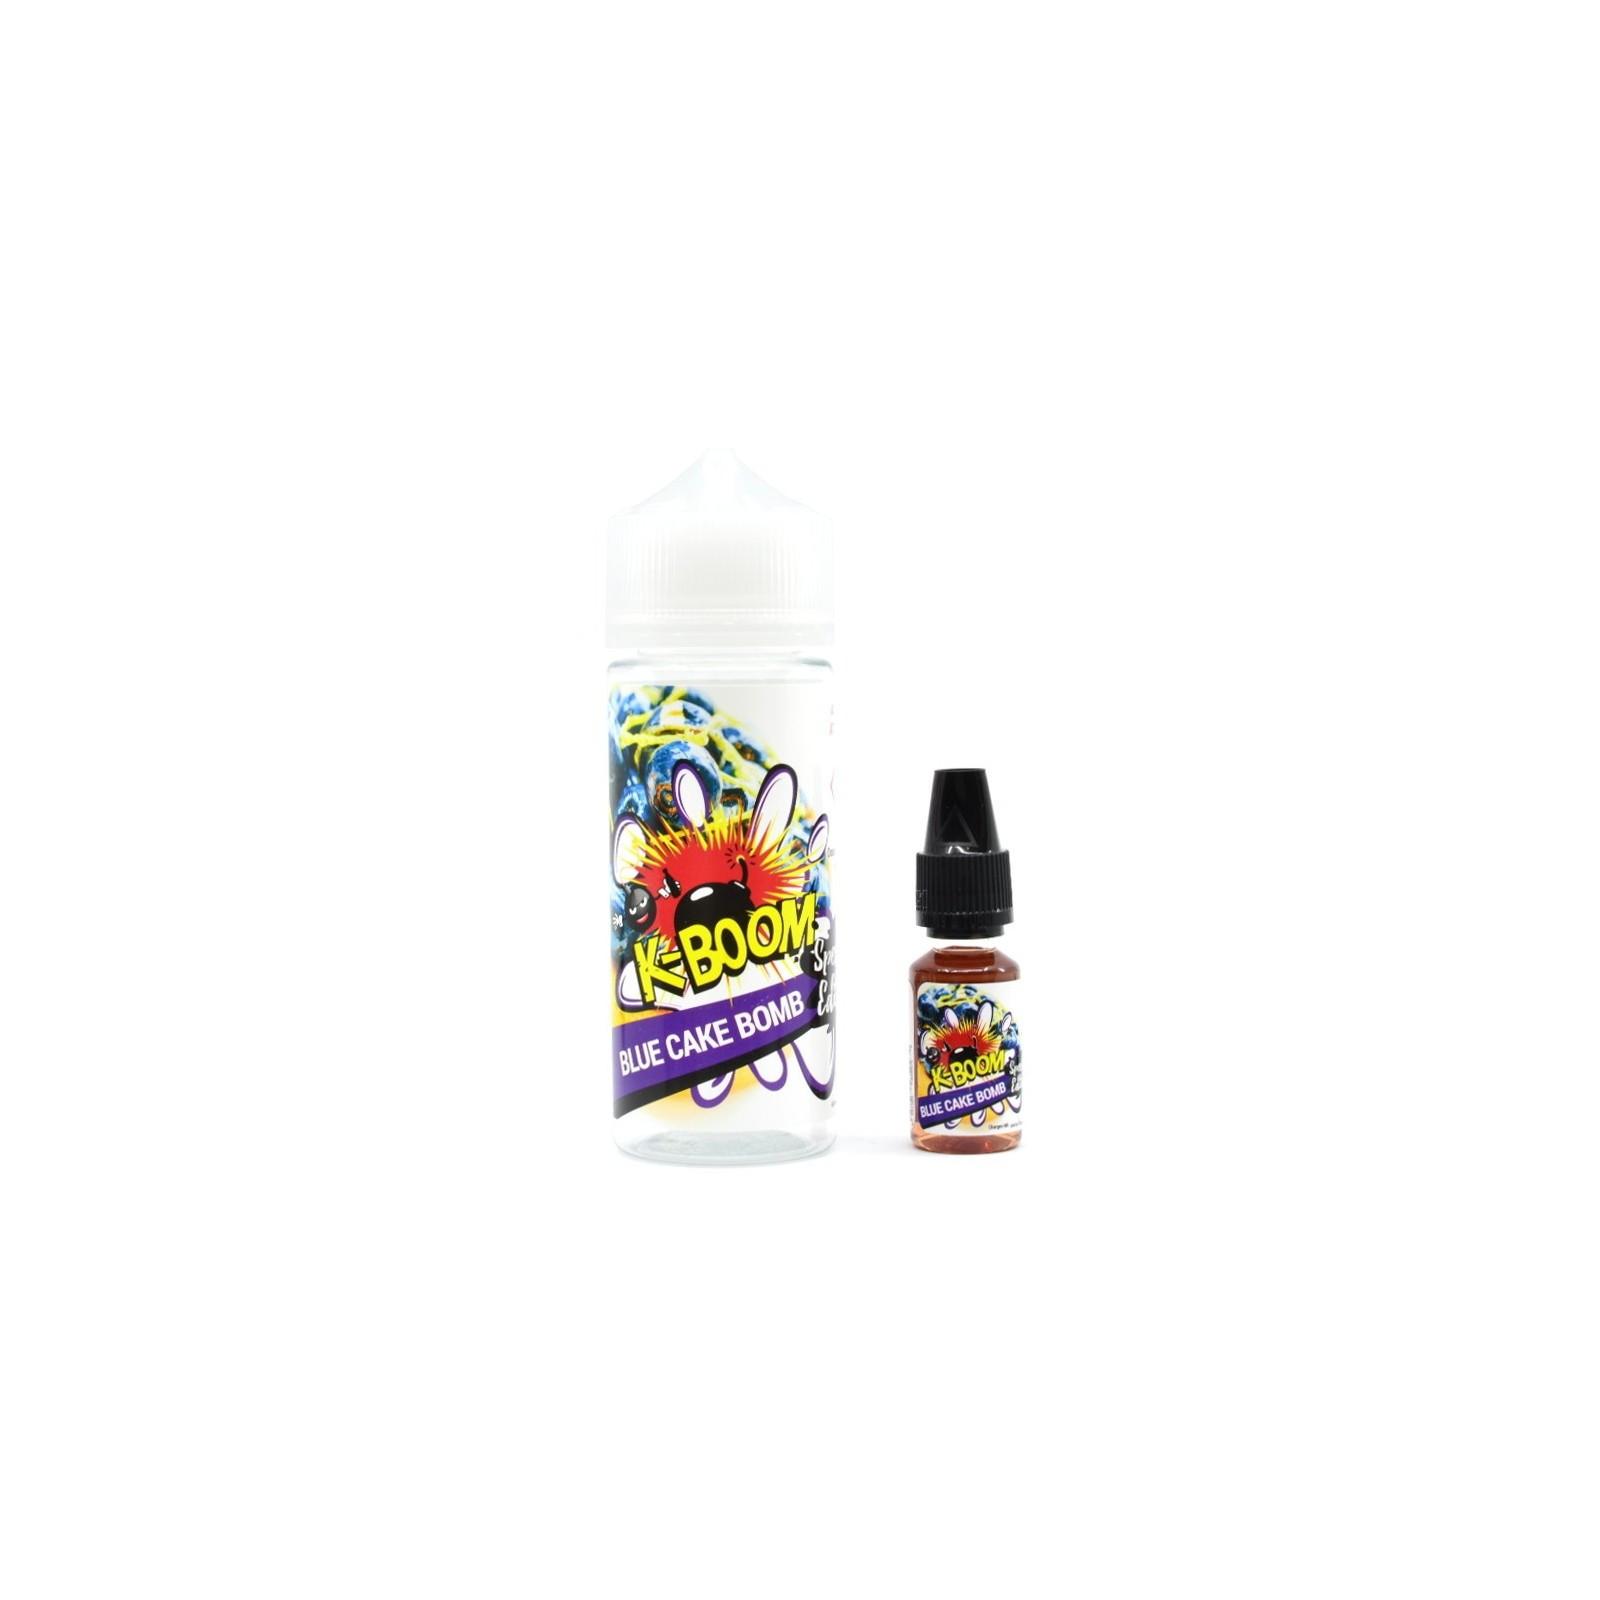 Concentré Blue Cake Bomb Special Edition - K-Boom